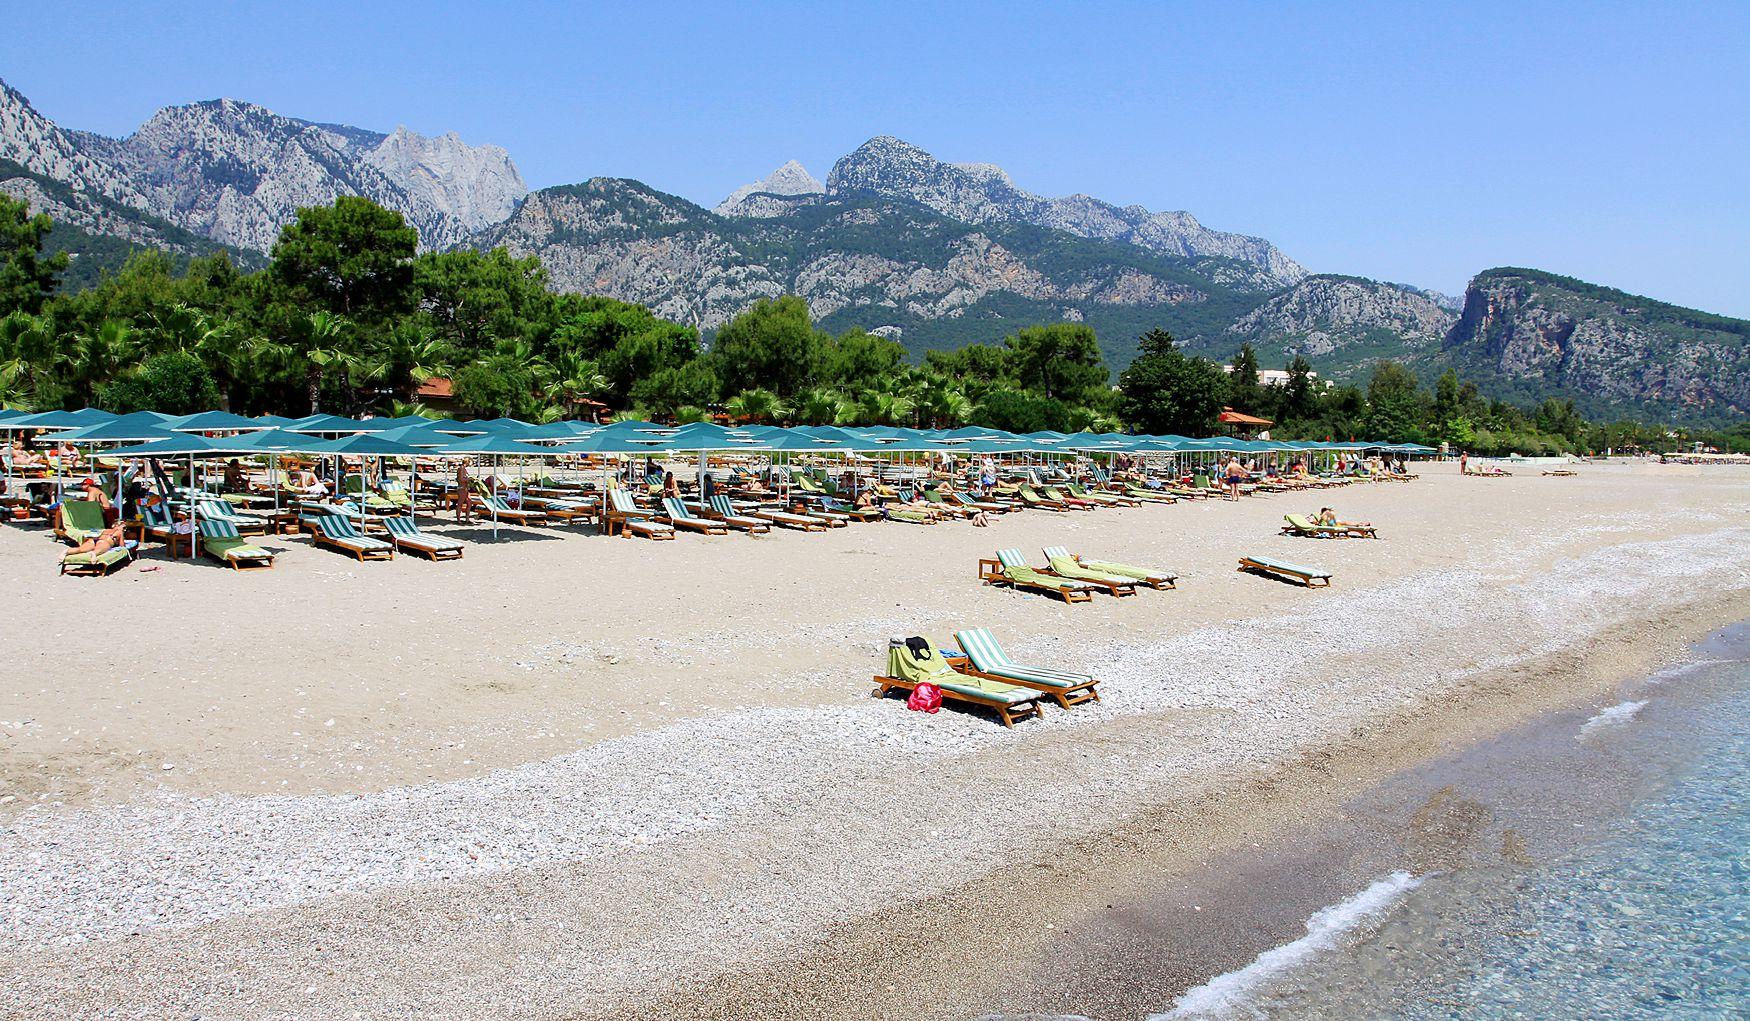 это турецкий курорт кемер фото погода налила поверхность немного